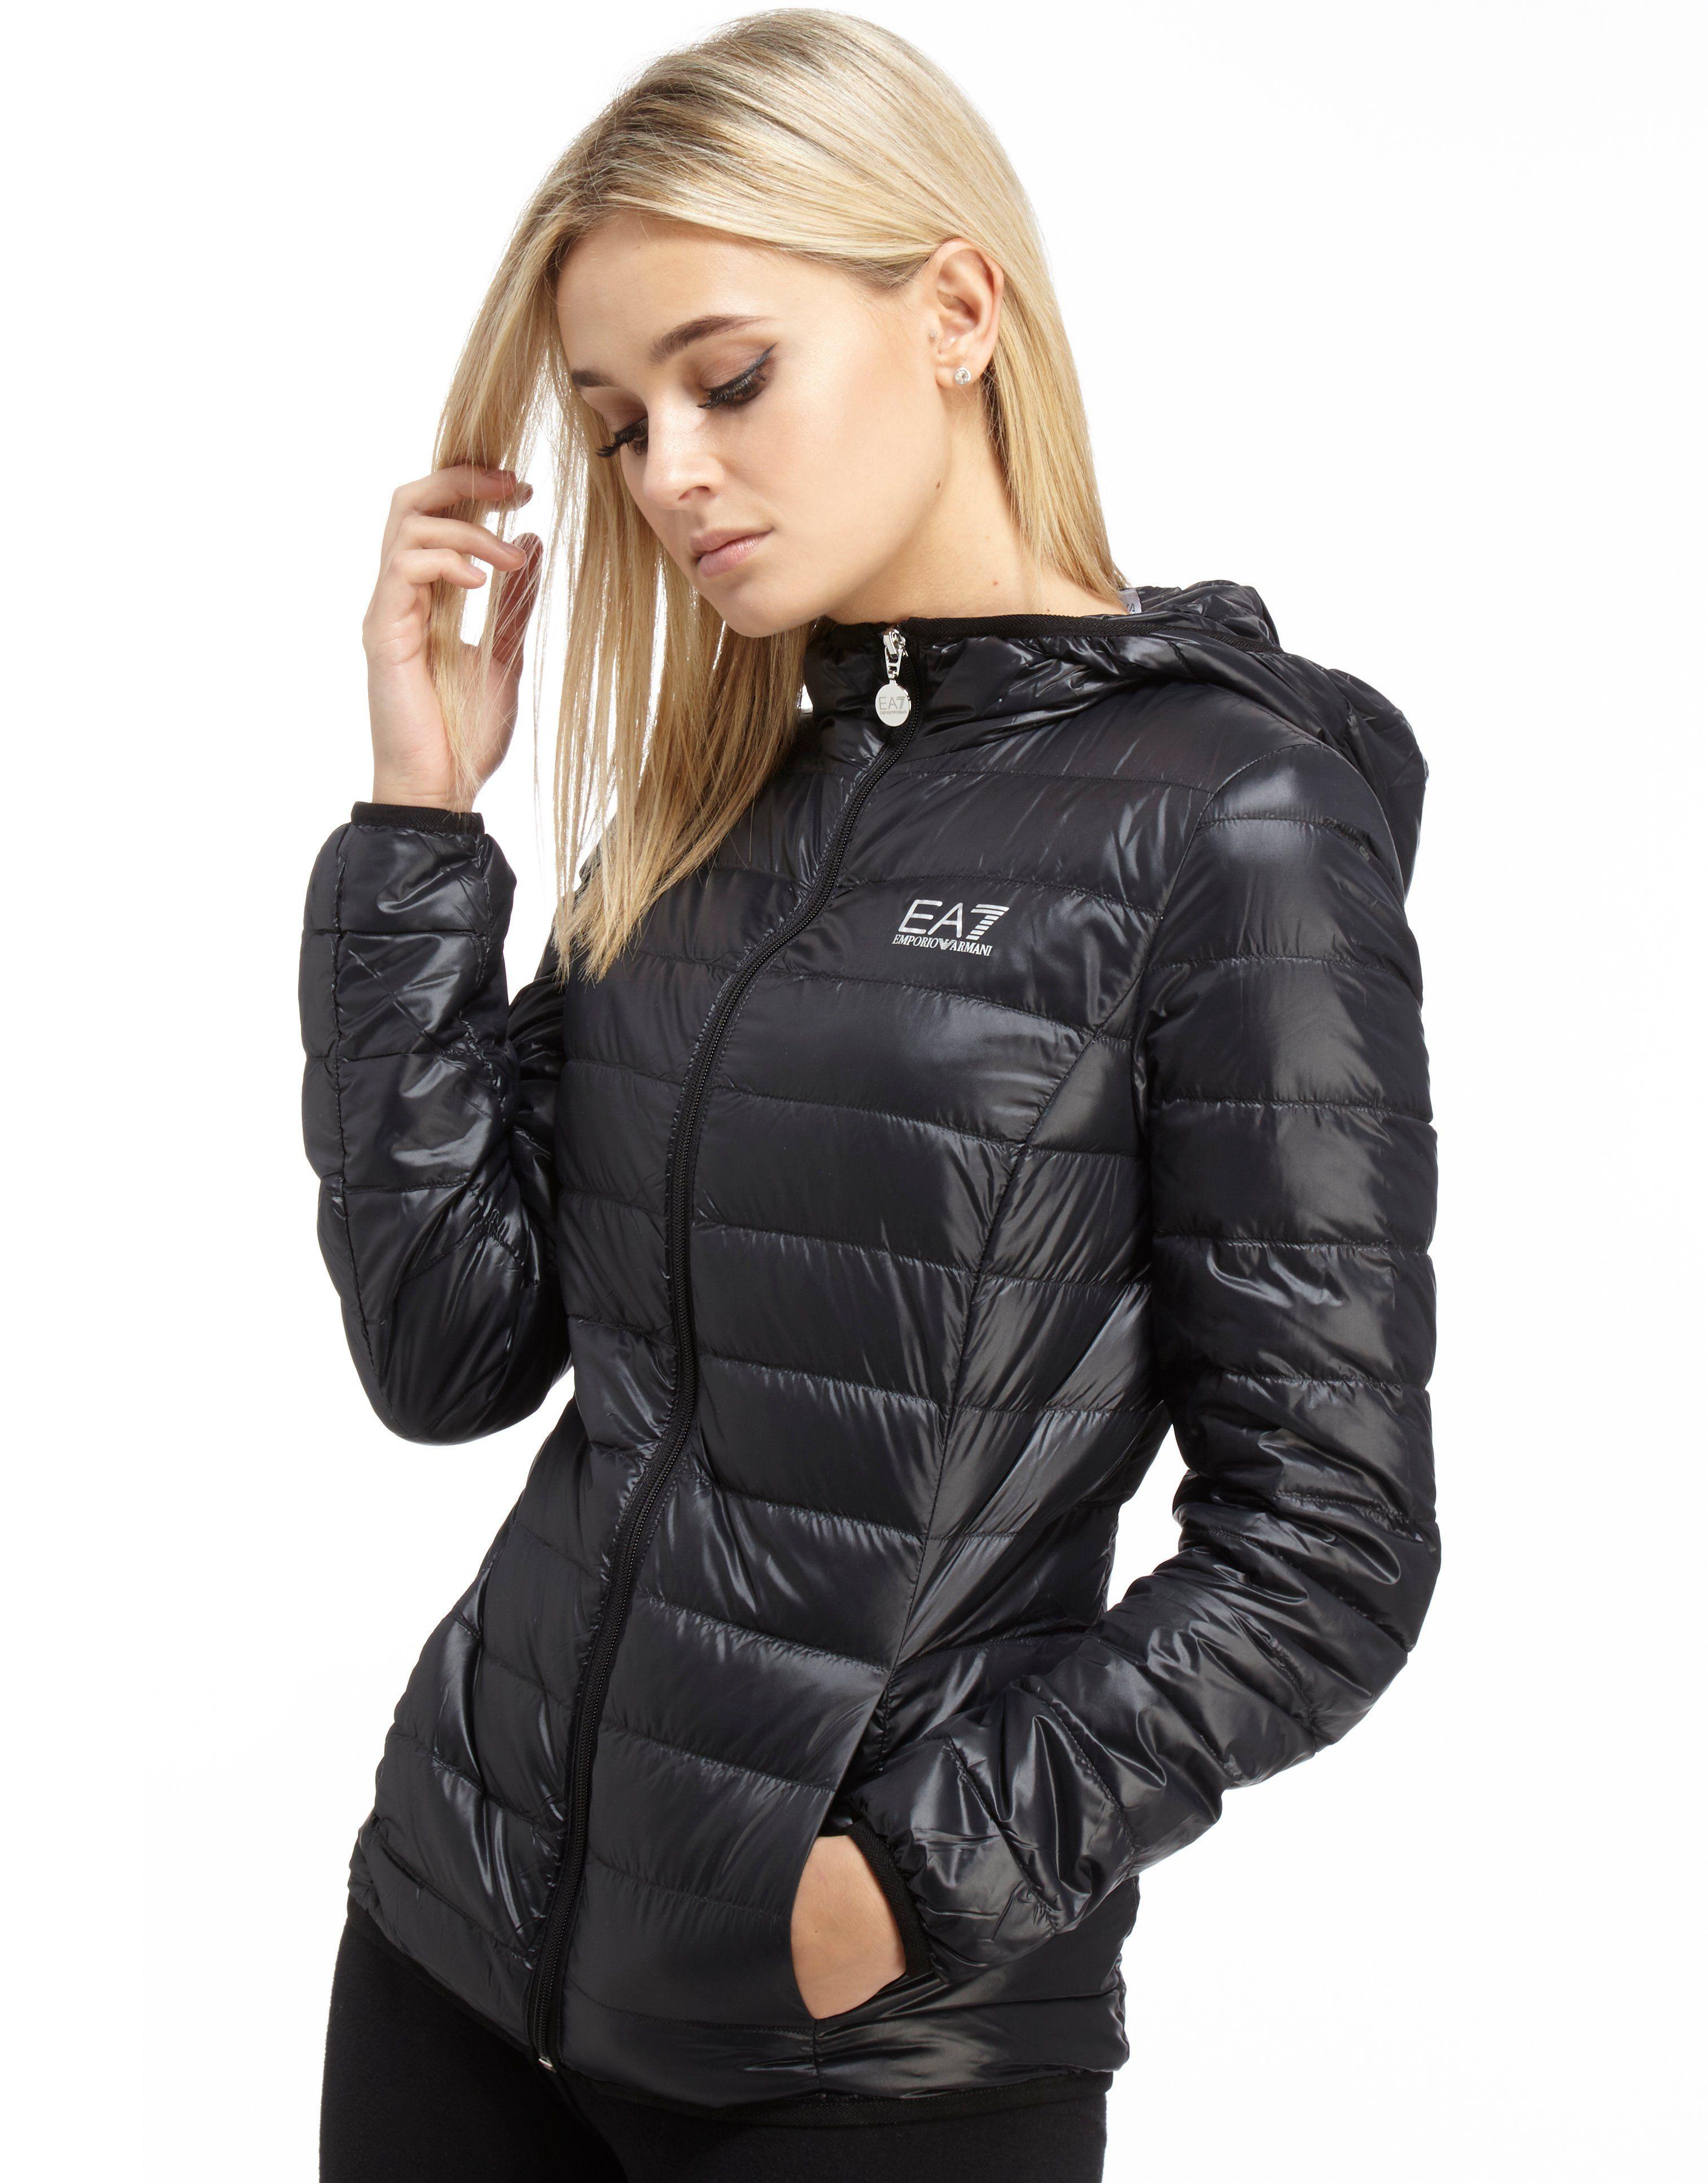 ea9e8761b4ad6 Emporio Armani EA7 Core Jacket - Shop online for Emporio Armani EA7 Core  Jacket with JD Sports